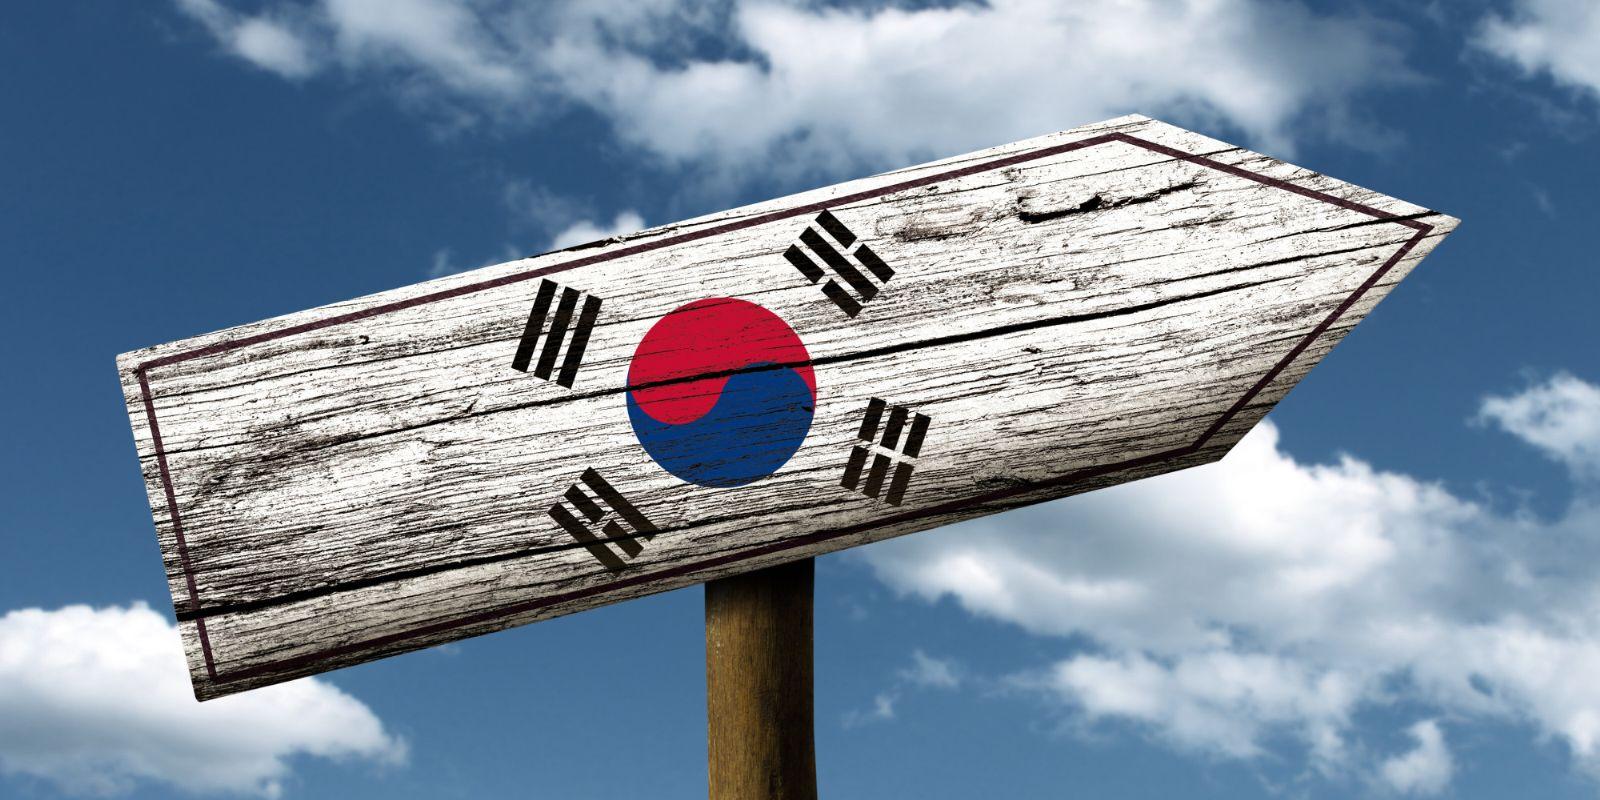 Dịch vụ chuyển phát nhanh Hàn Quốc - Việt Nam